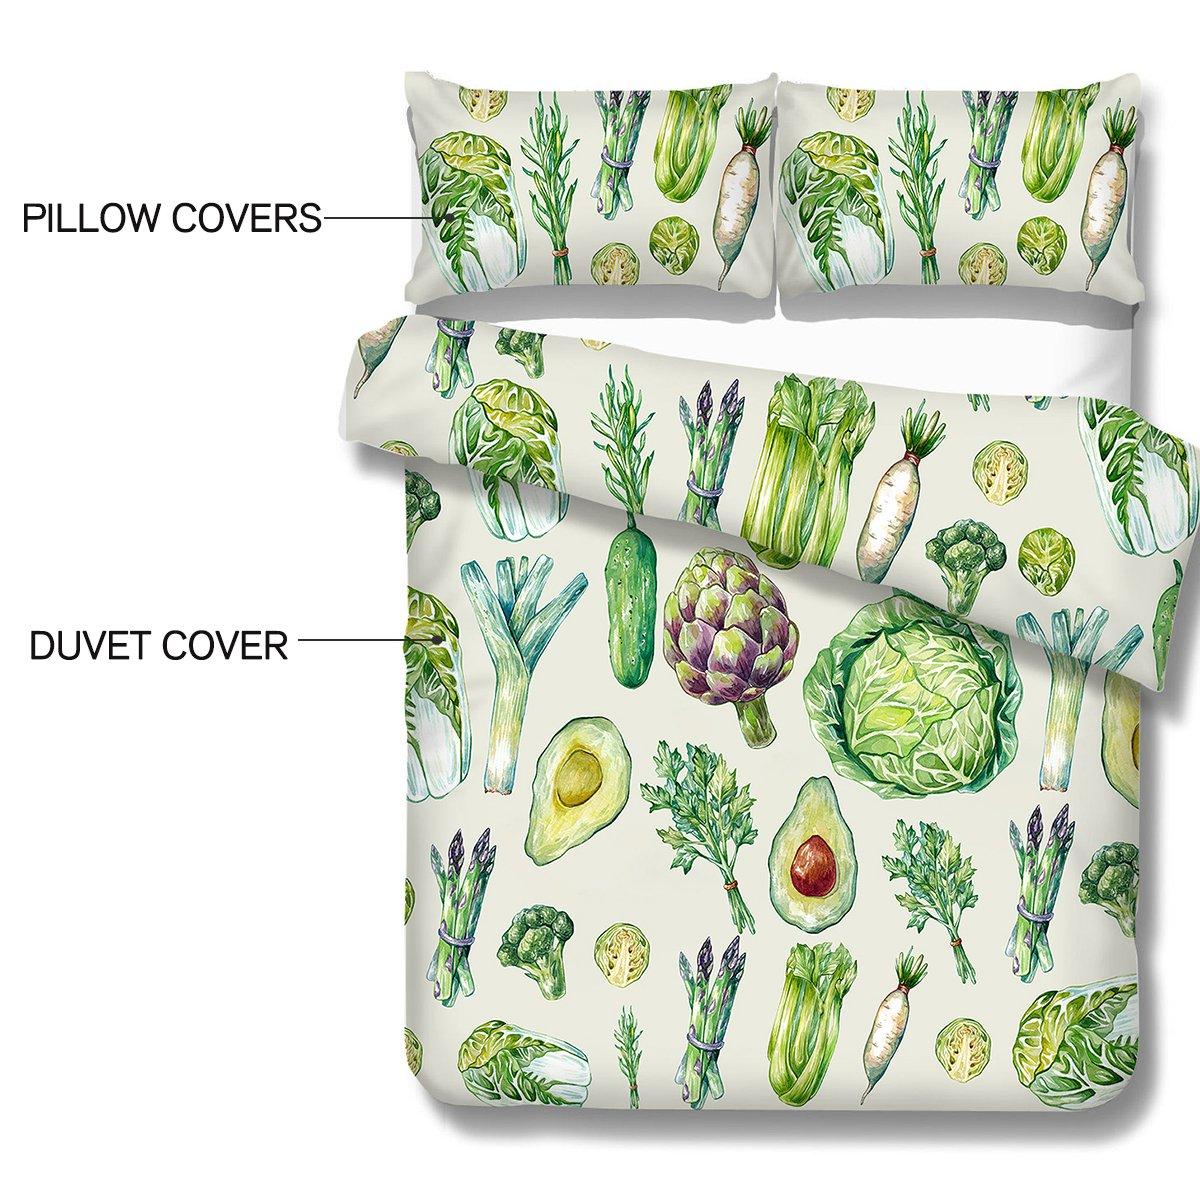 arightex planta naturaleza Vintage color juego de colcha de cama de funda de edredón 3 piezas verde de hortalizas diseño: Amazon.es: Hogar